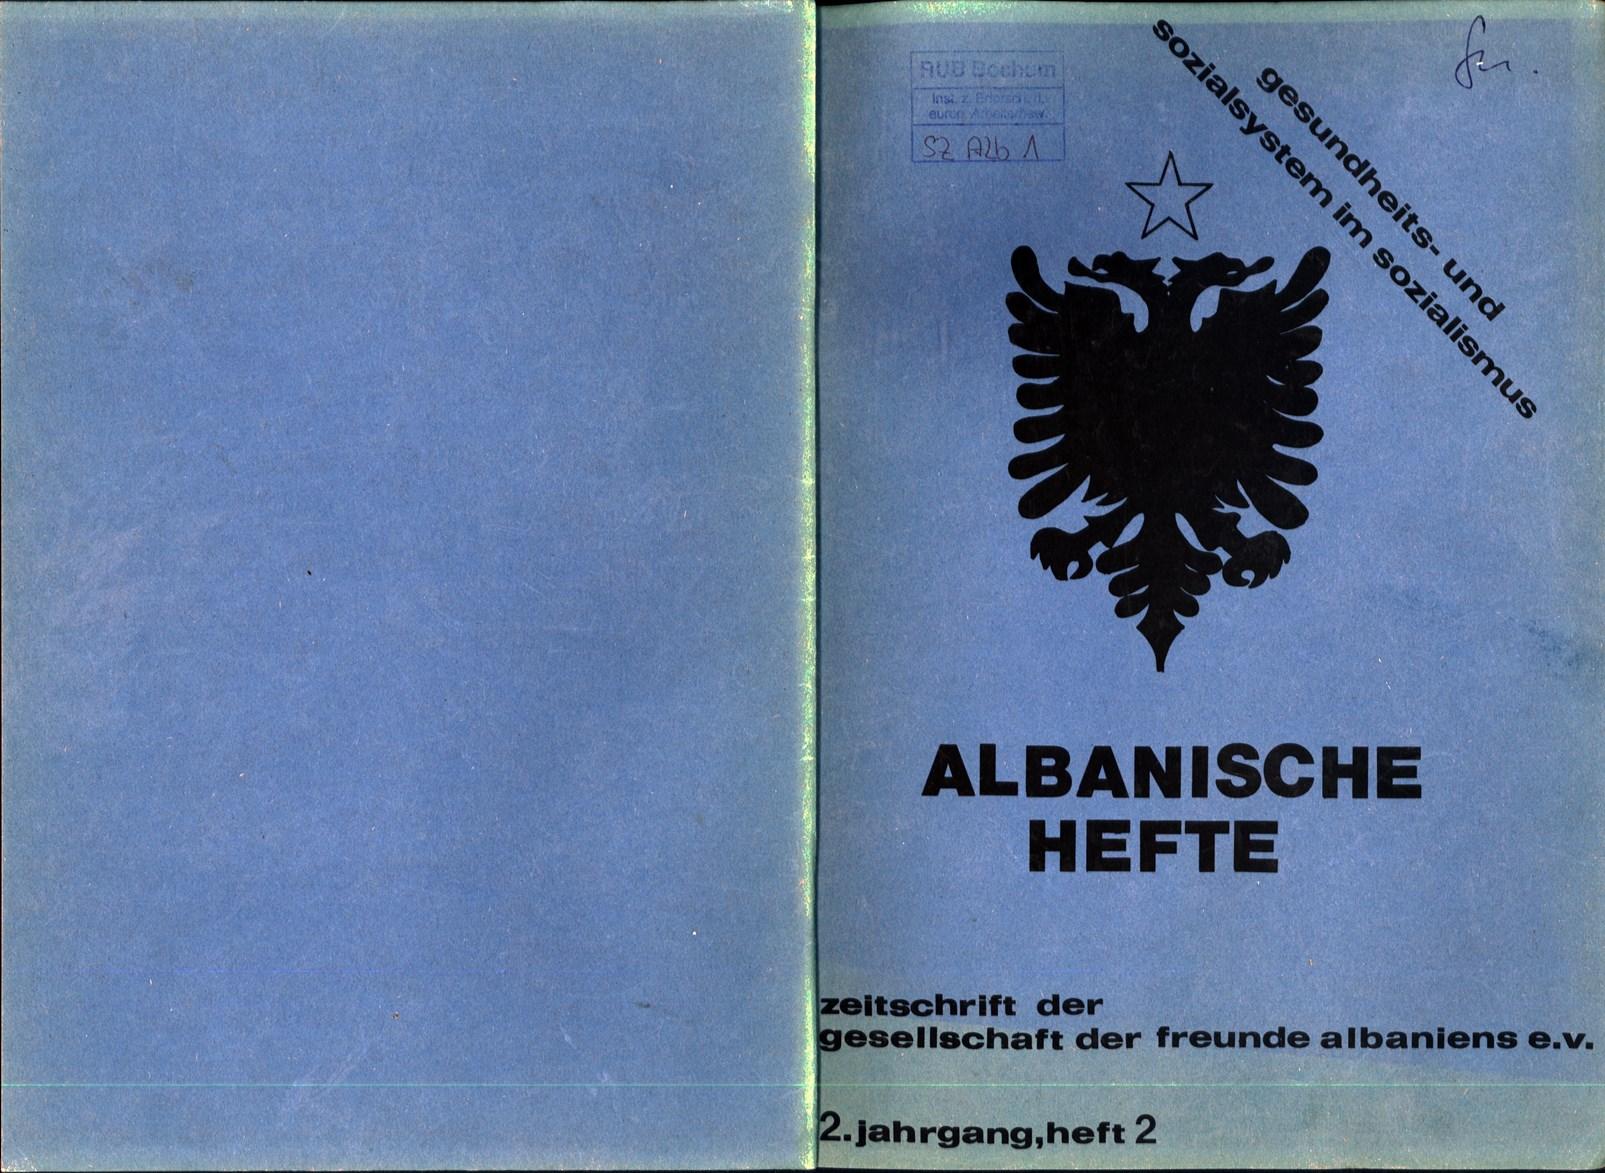 GFA_Albanische_Hefte_1973_02_01